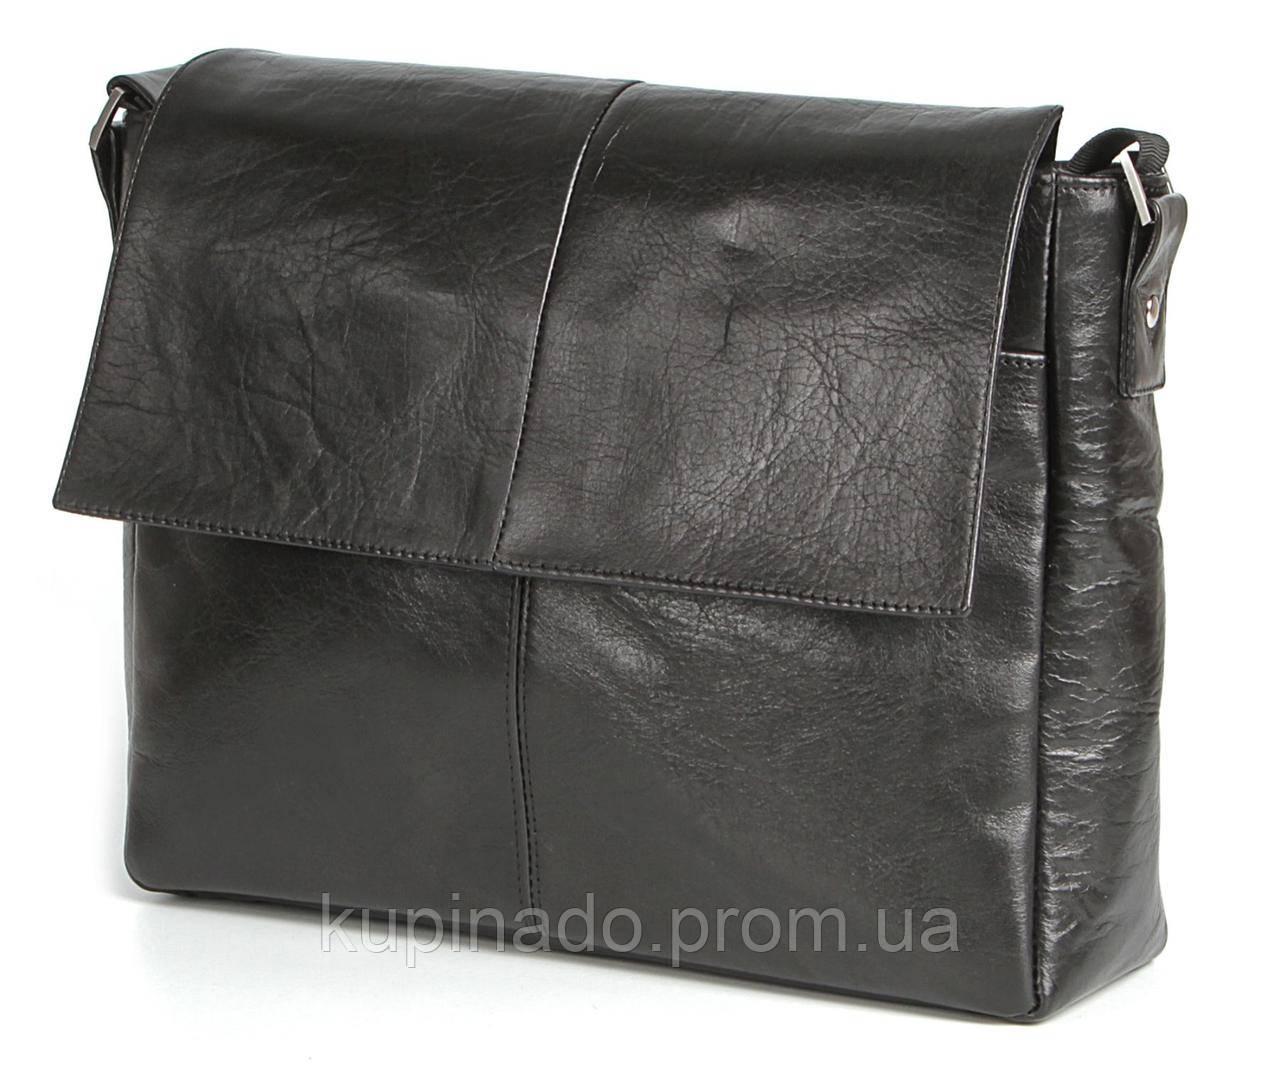 Сумка SHVIGEL 00858 кожаная Черная, Черный